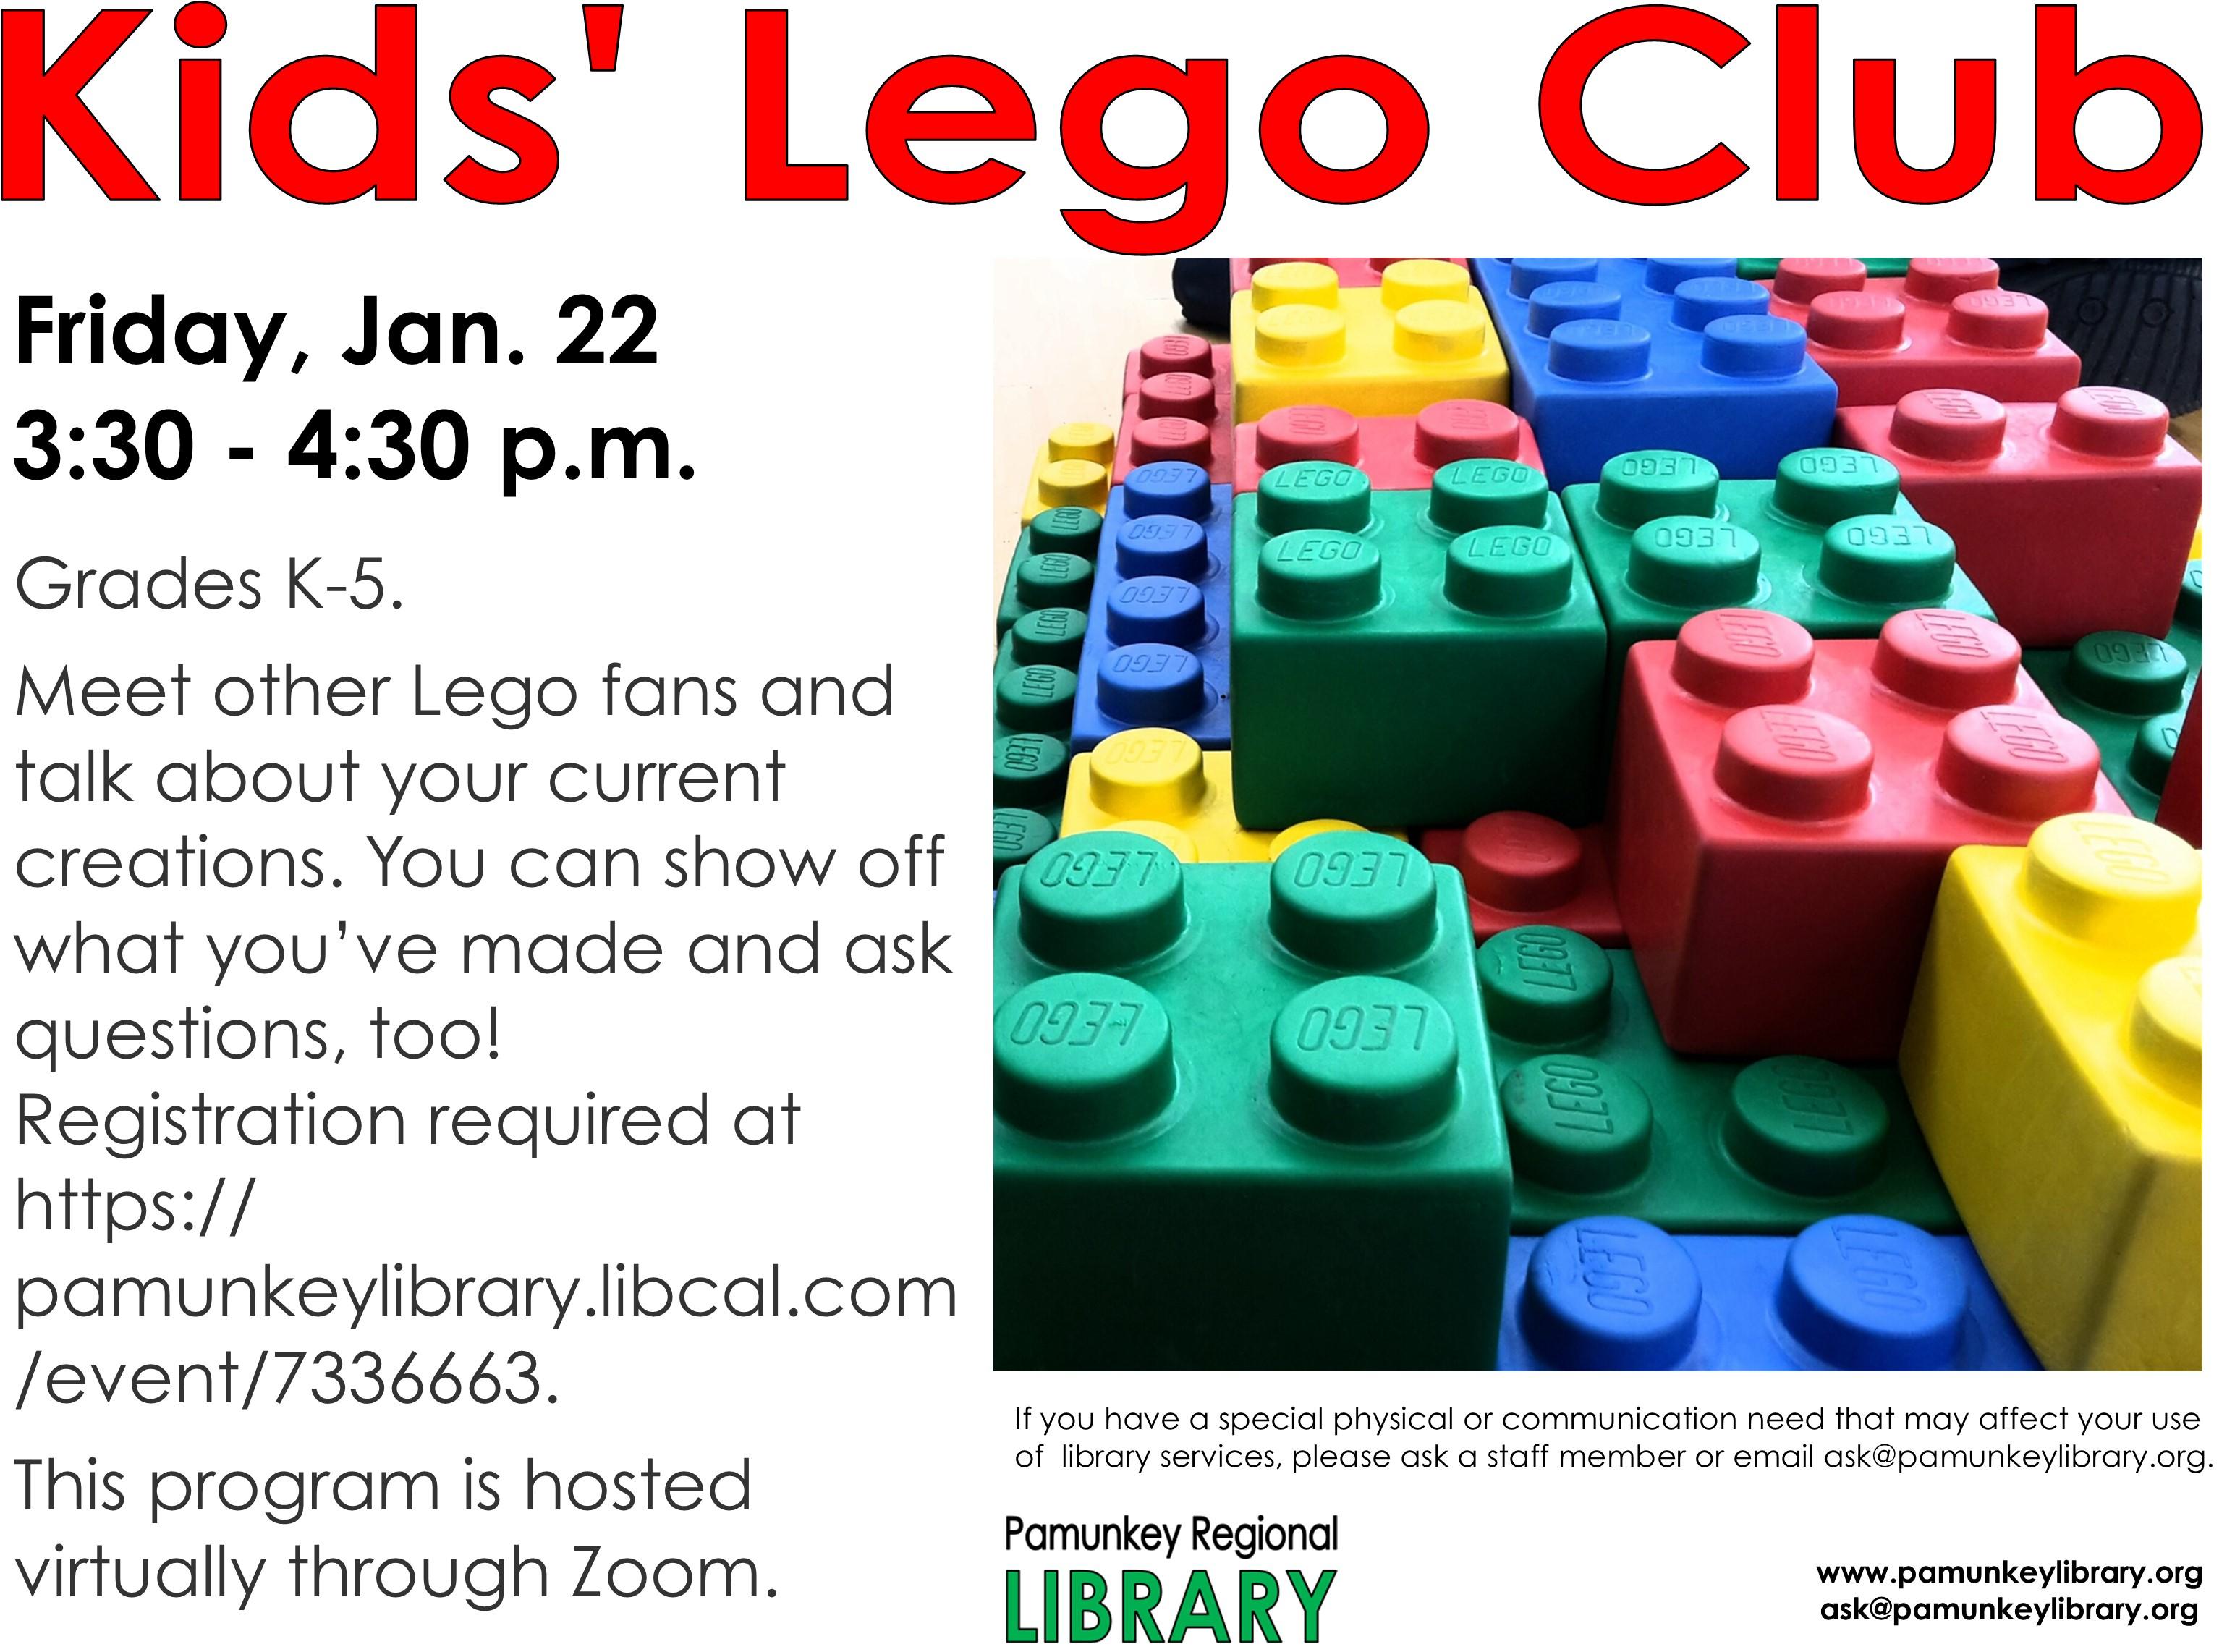 VIRTUAL: Kids' Lego Club